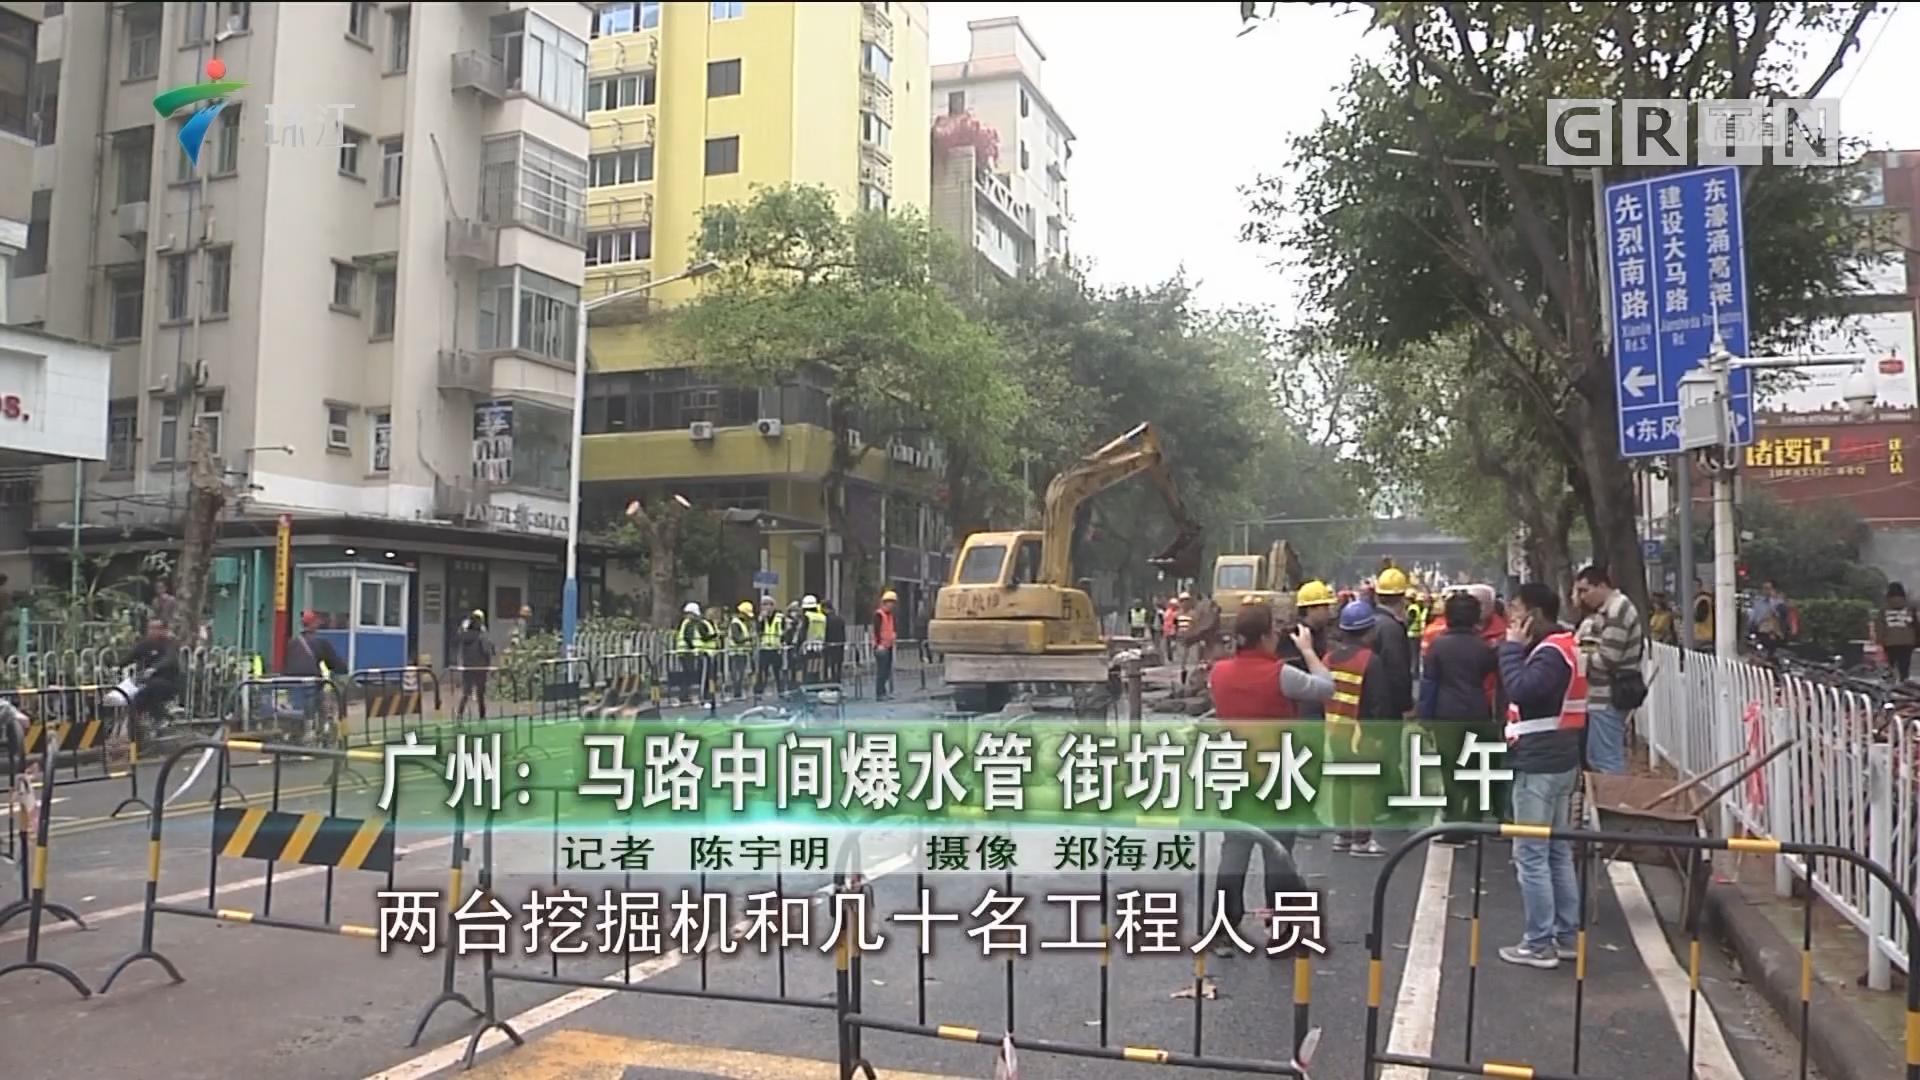 广州:马路中间爆水管 街坊停水一上午